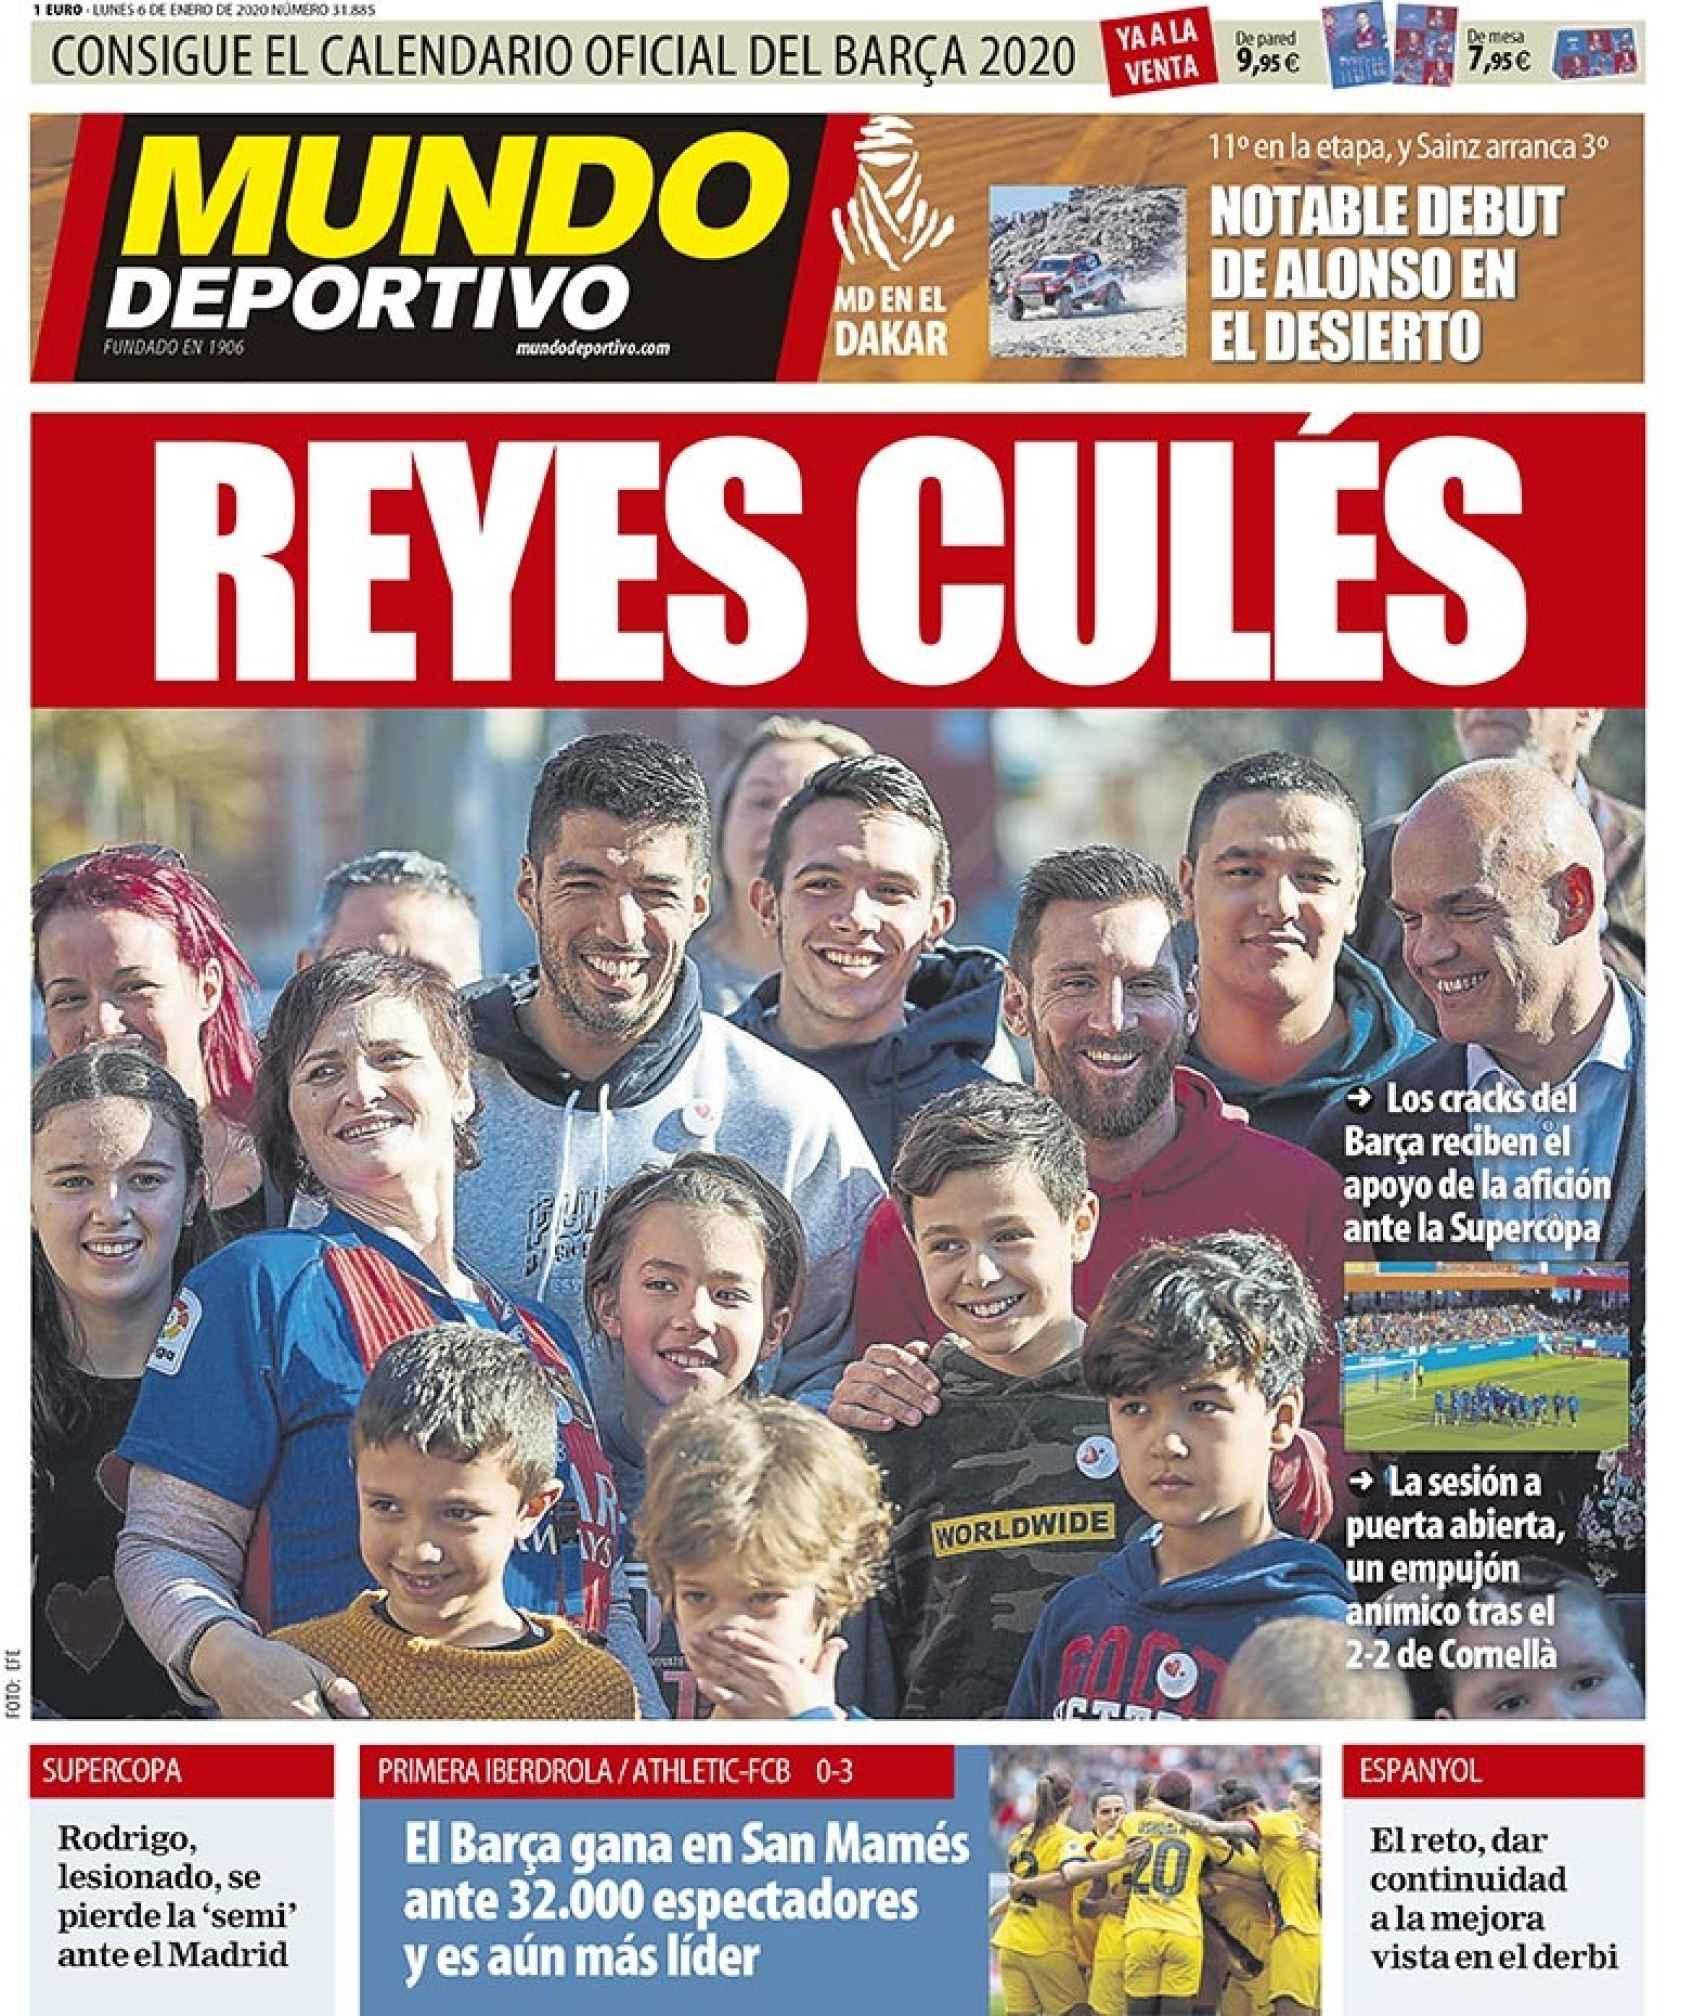 La portada del diario Mundo Deportivo (06/01/2020)